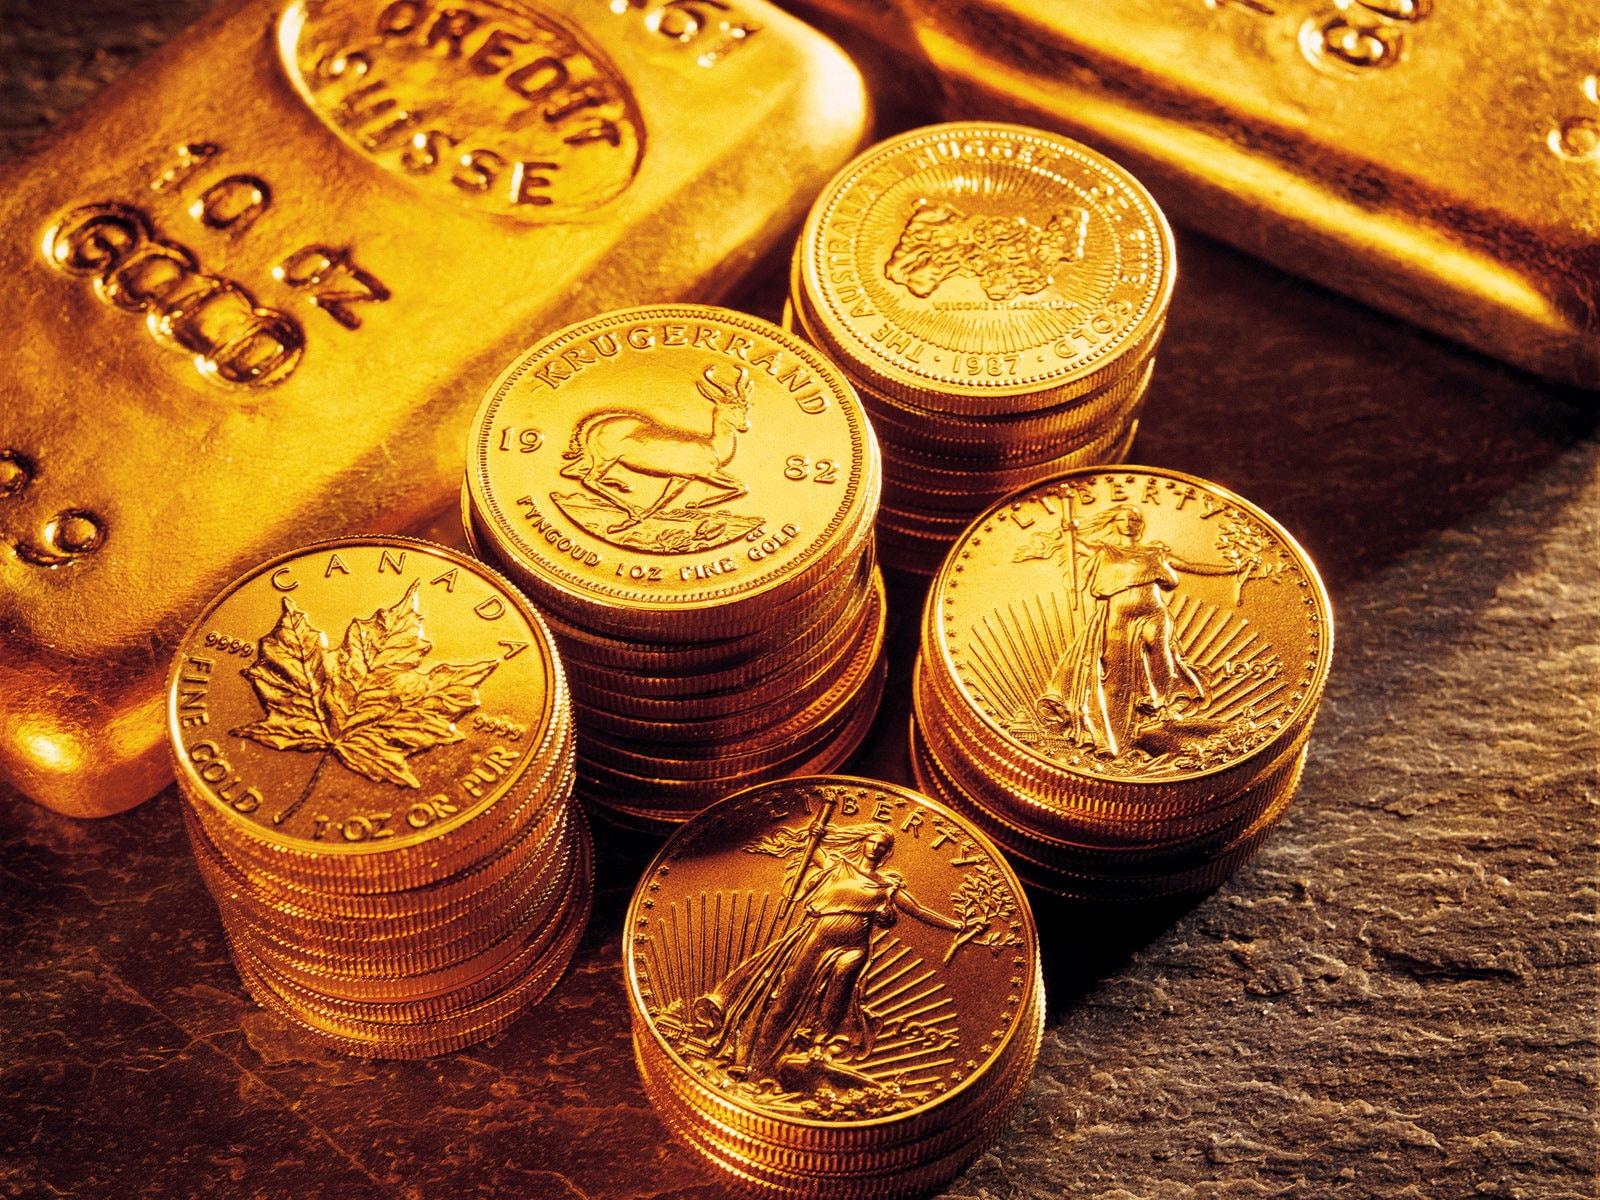 L'or s'apprécie sur fond de détente entre les États-Unis et la Chine